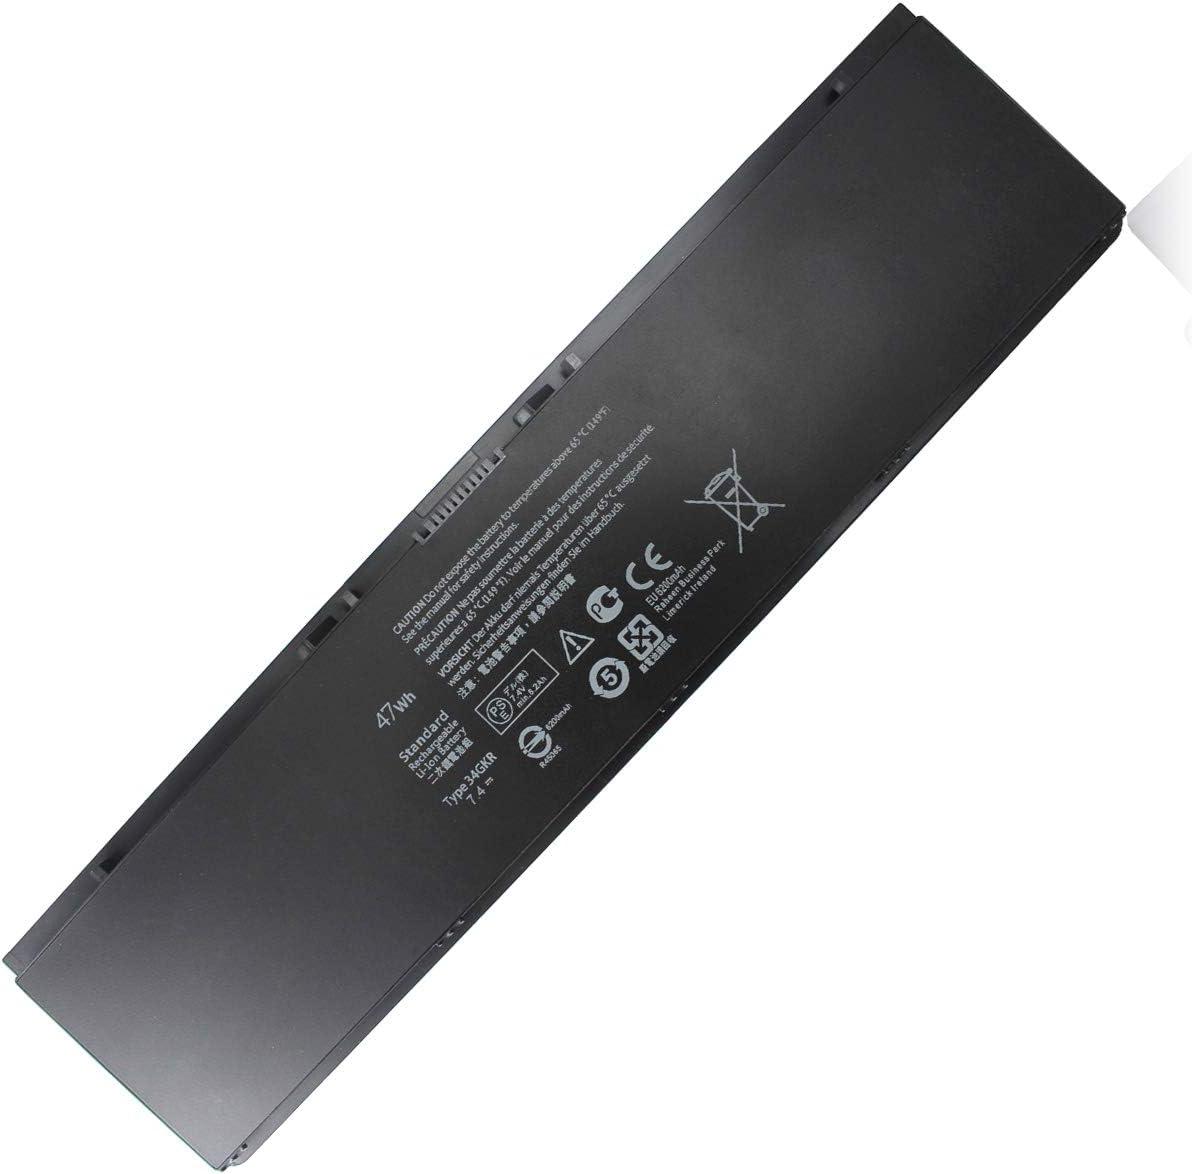 E7440 34GKR Laptop Battery Compatible with Dell Latitude E7420 E7450 7440 7450 E225846, 3RNFD PFXCR F38HT G0G2M T19VW 5K1GW 909H5 0909H5 G95J5 0G95J5 V8XN3 451-BBFT 451-BBFV 451-BBFY